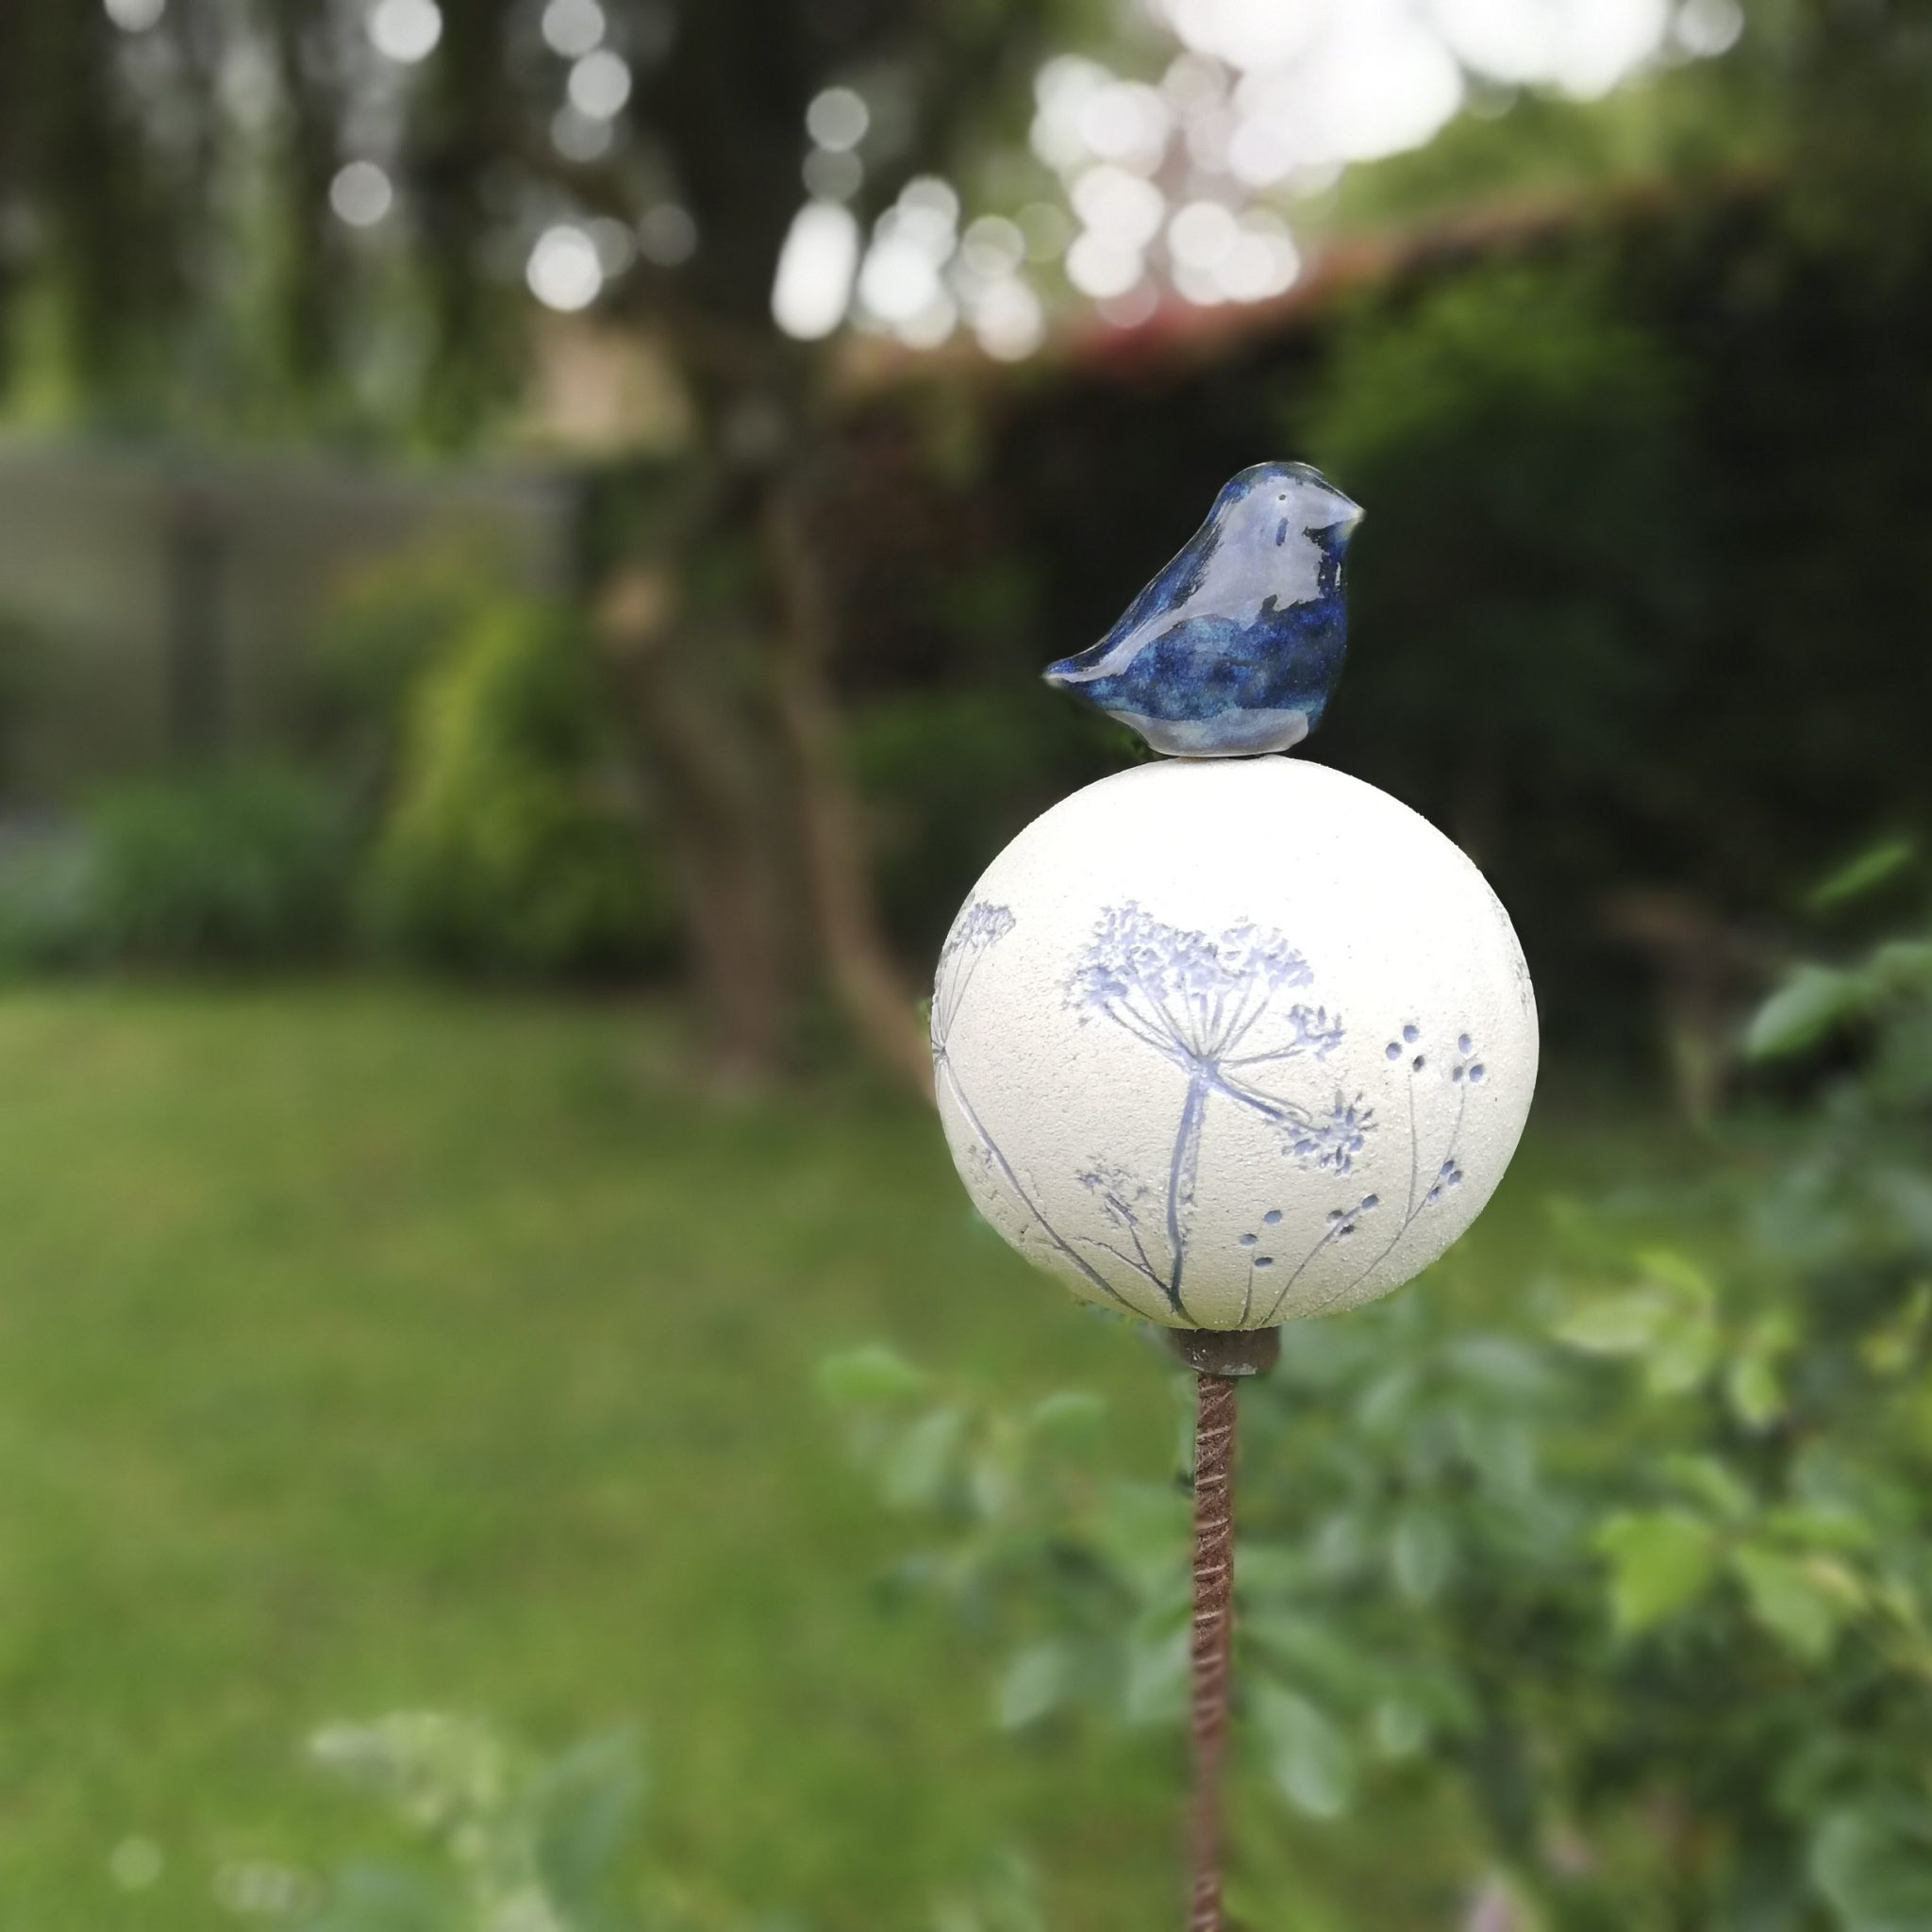 Un totem à l'oiseau bleu réalisé en céramique pour le jardin par Myriem Verhille Céramiste